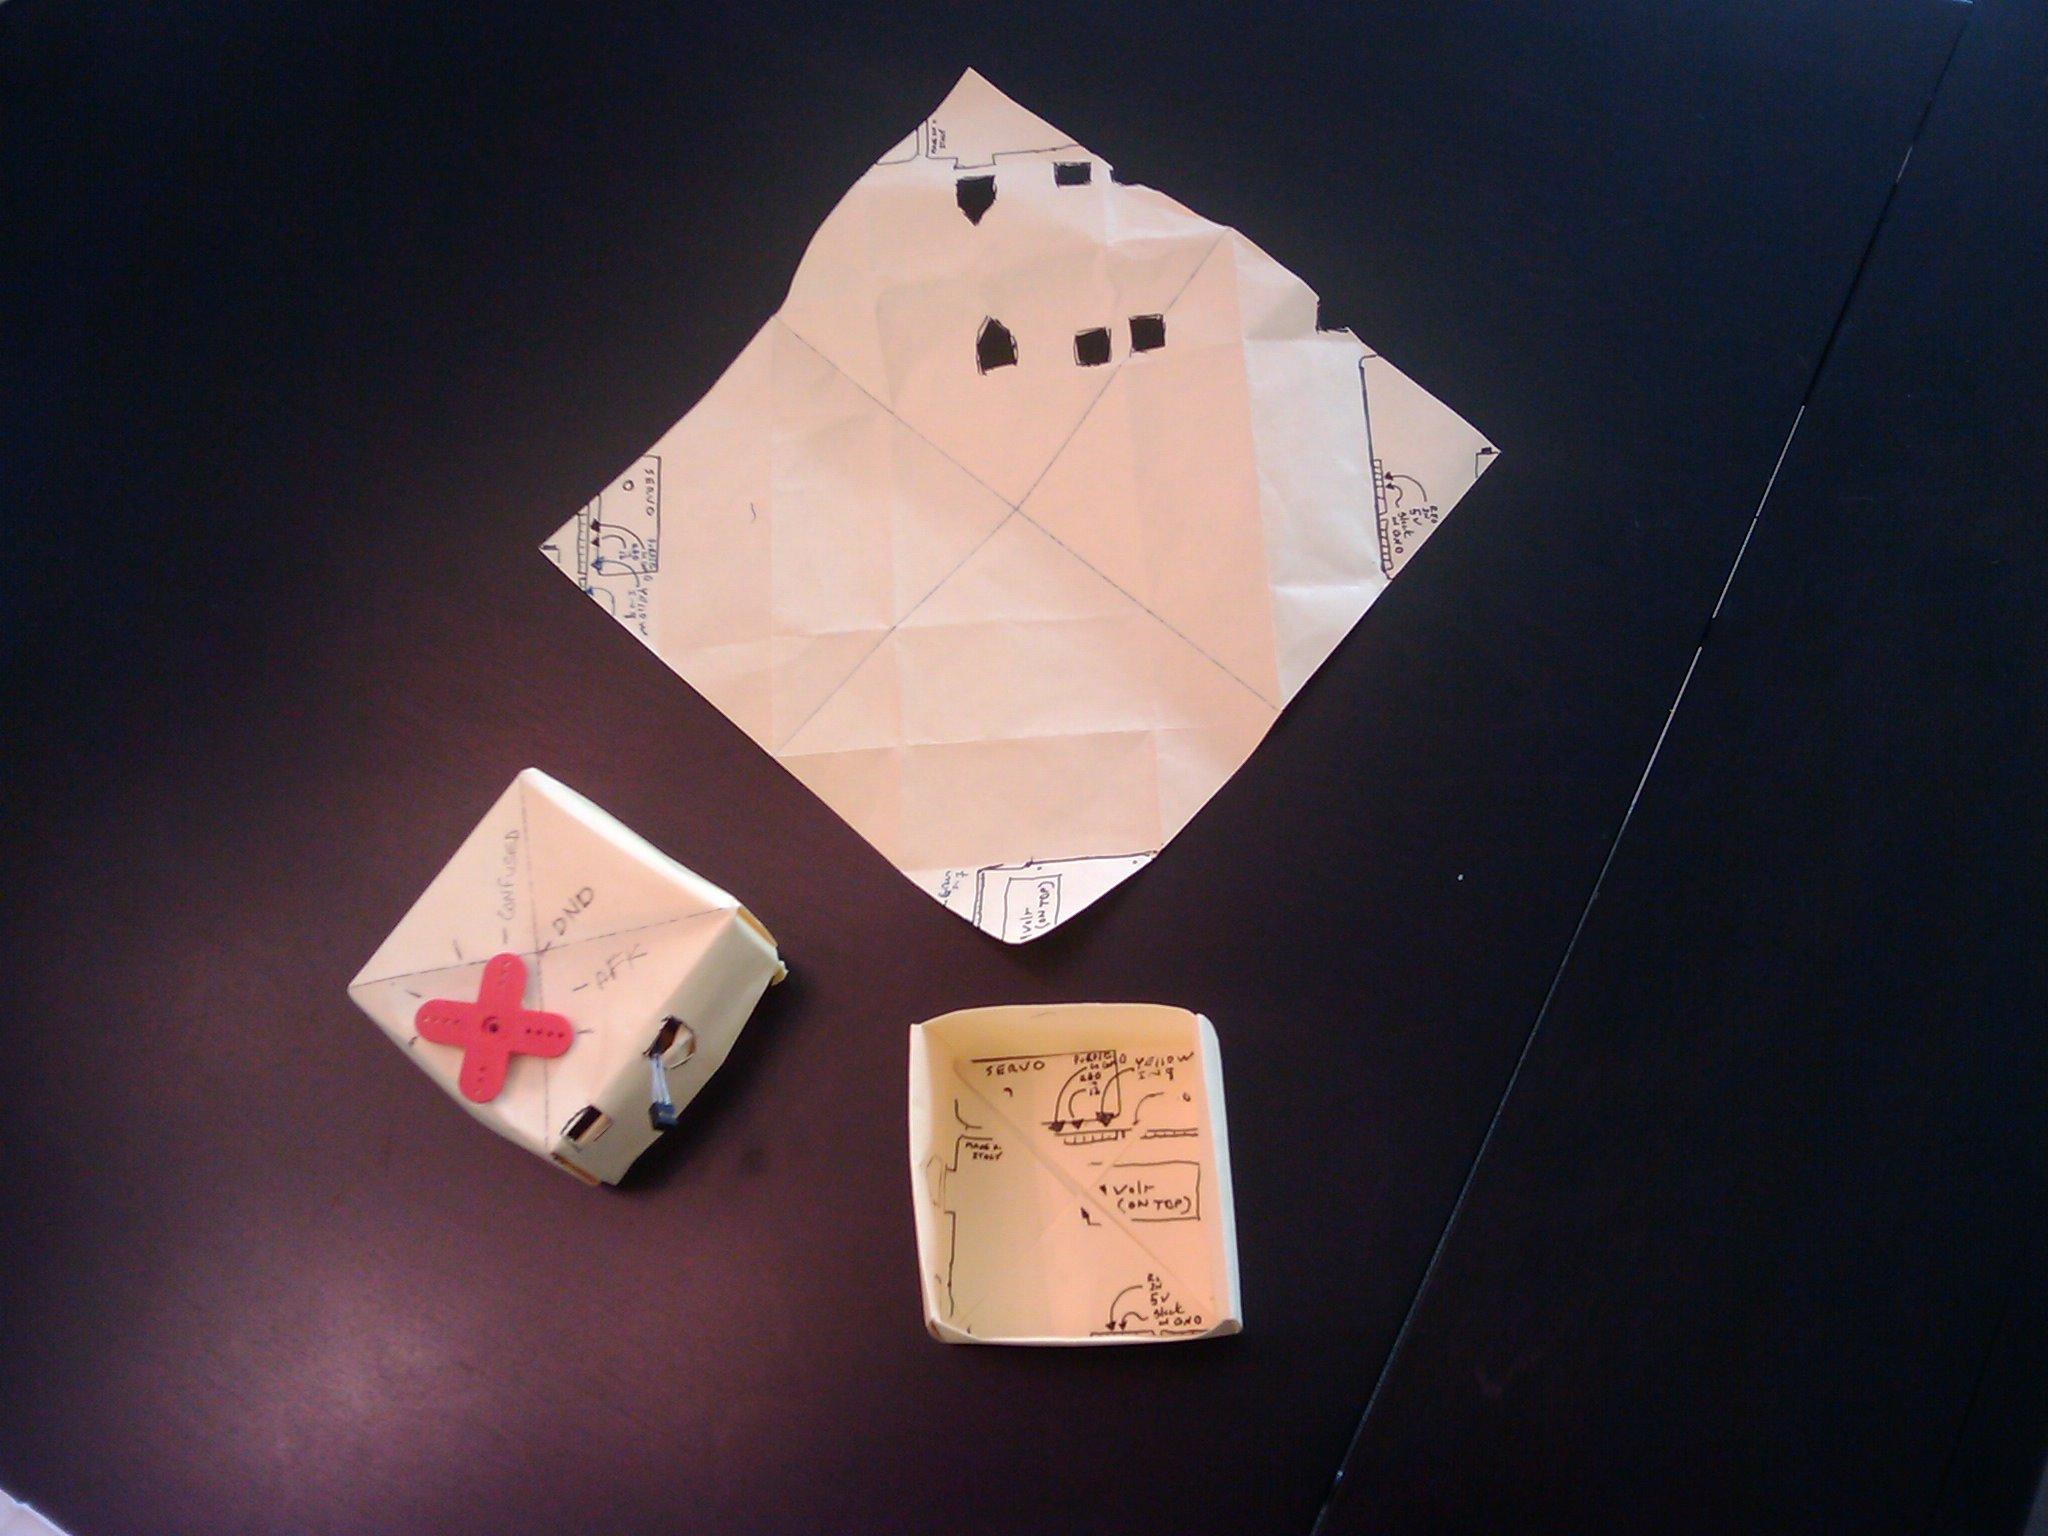 Three arduino boxes